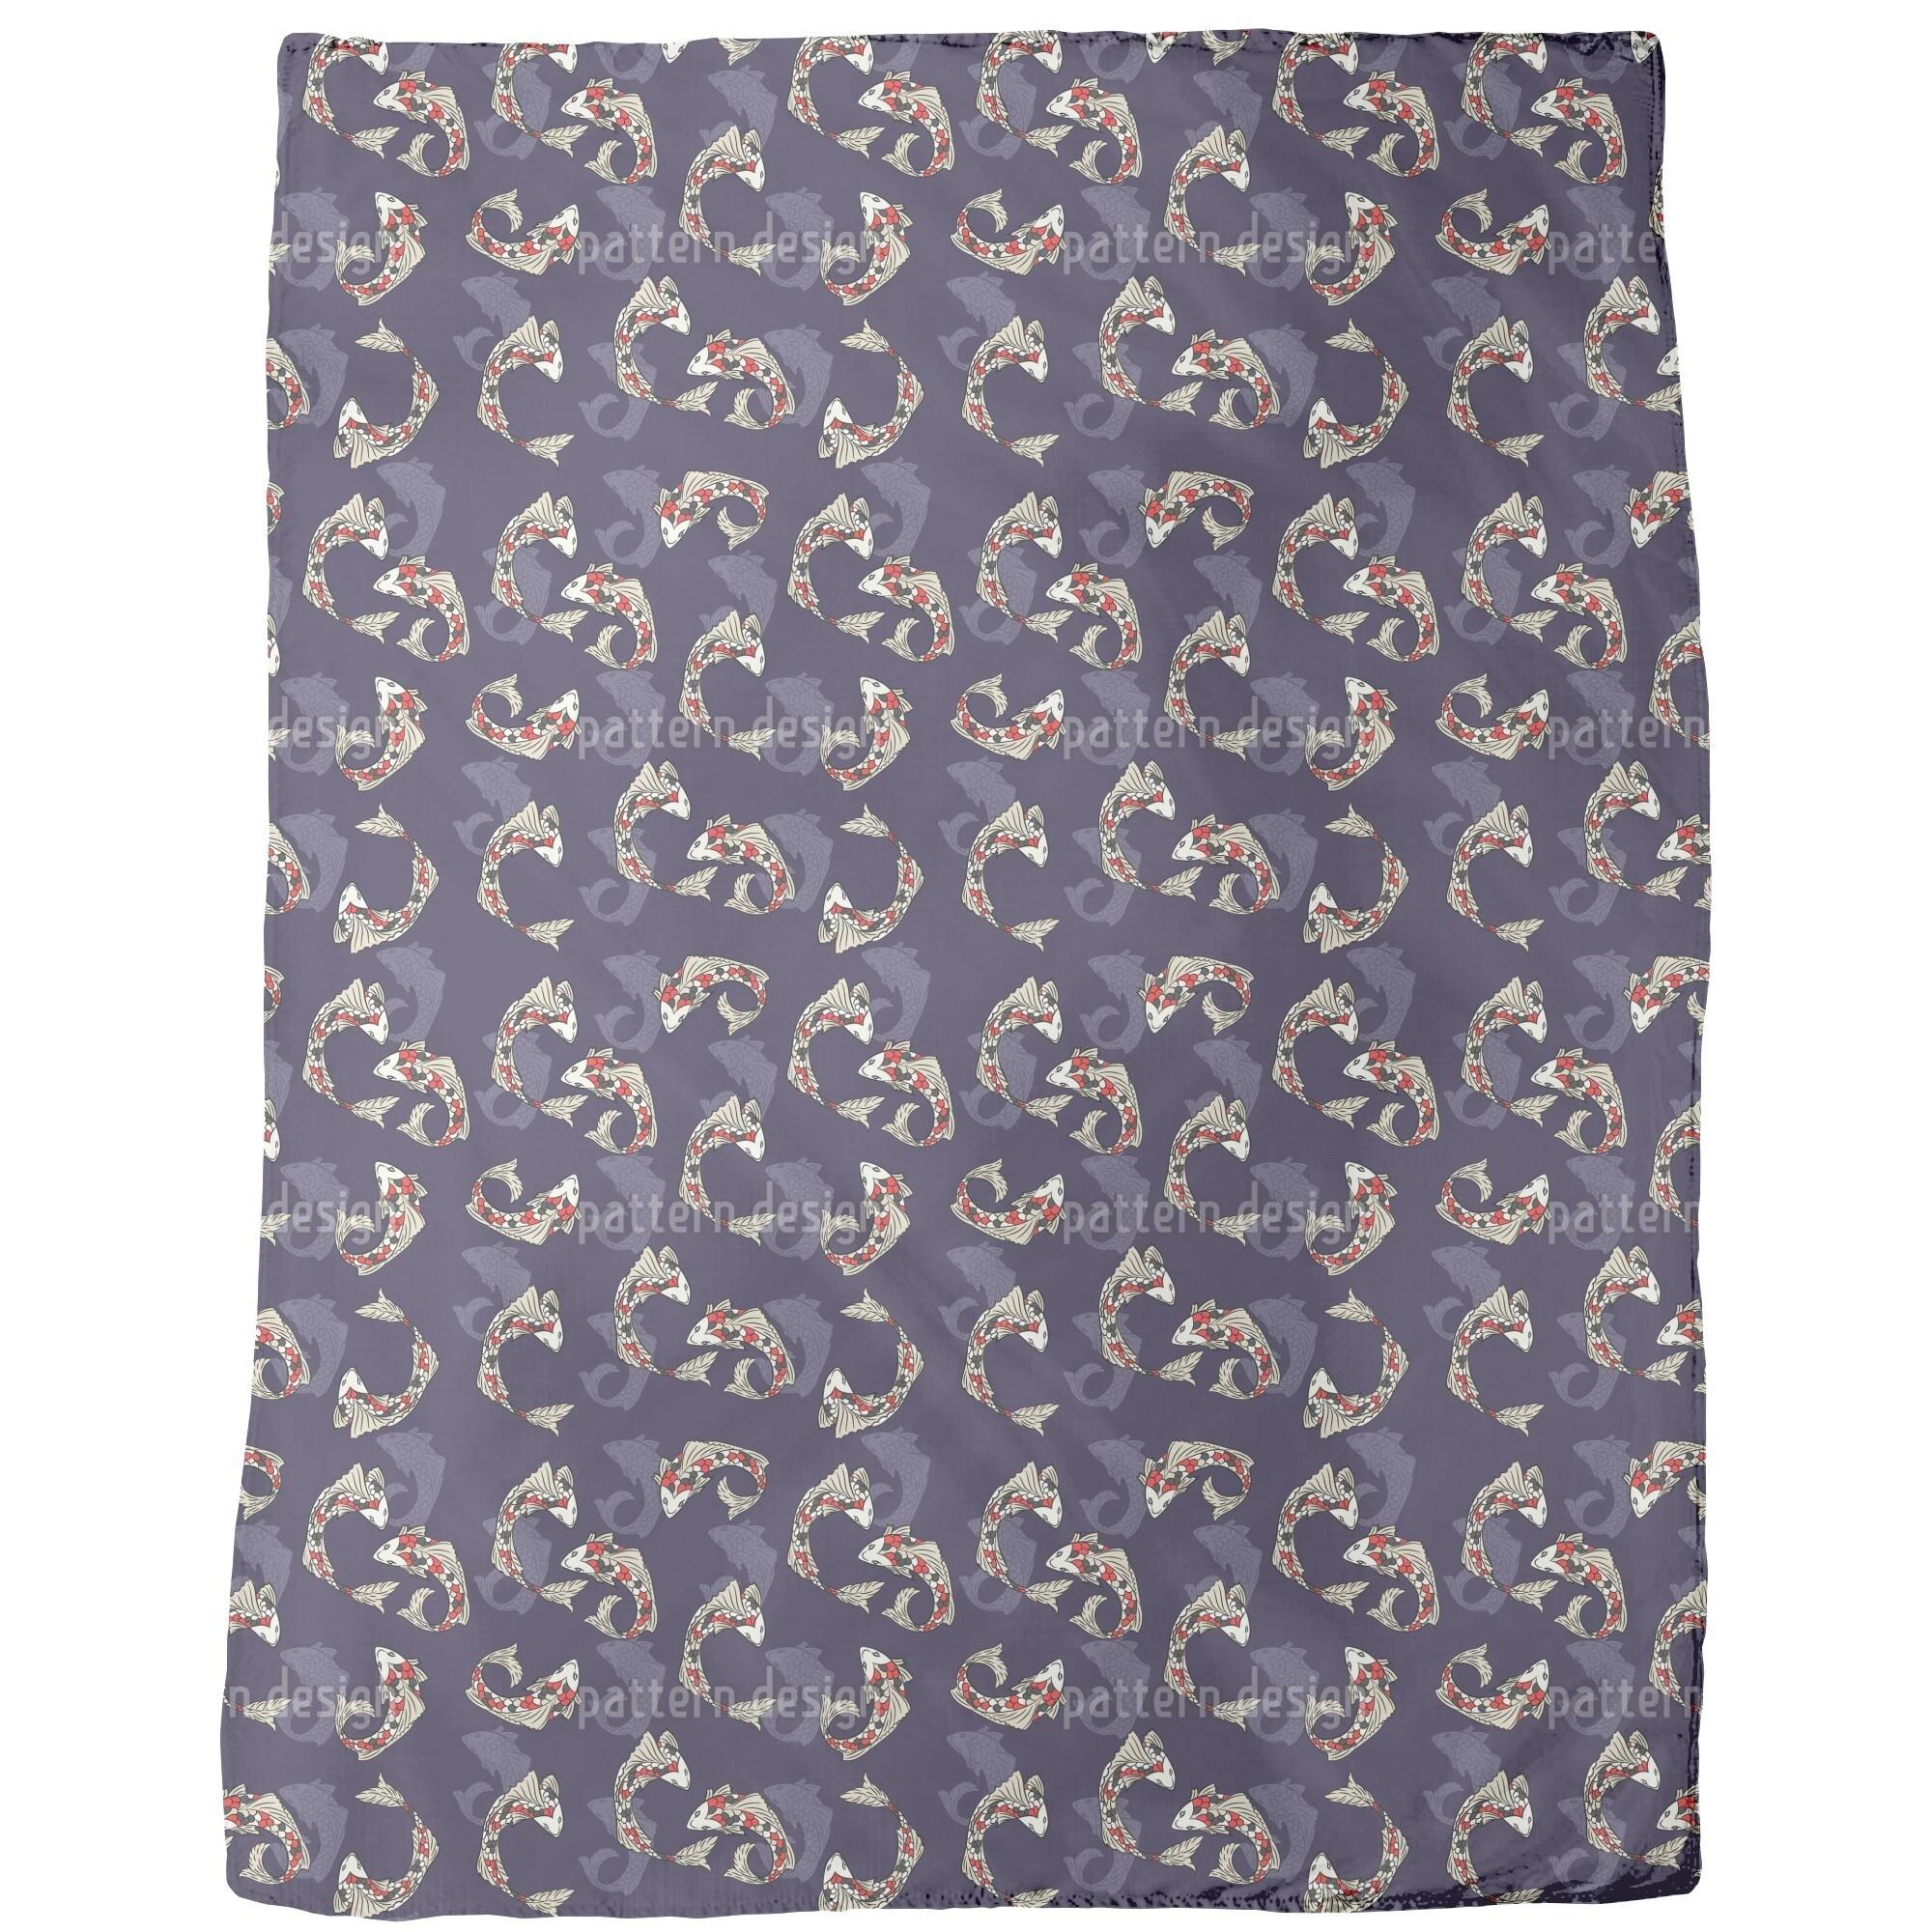 Uneekee Koi Fish Fleece Blanket (Medium), Multi